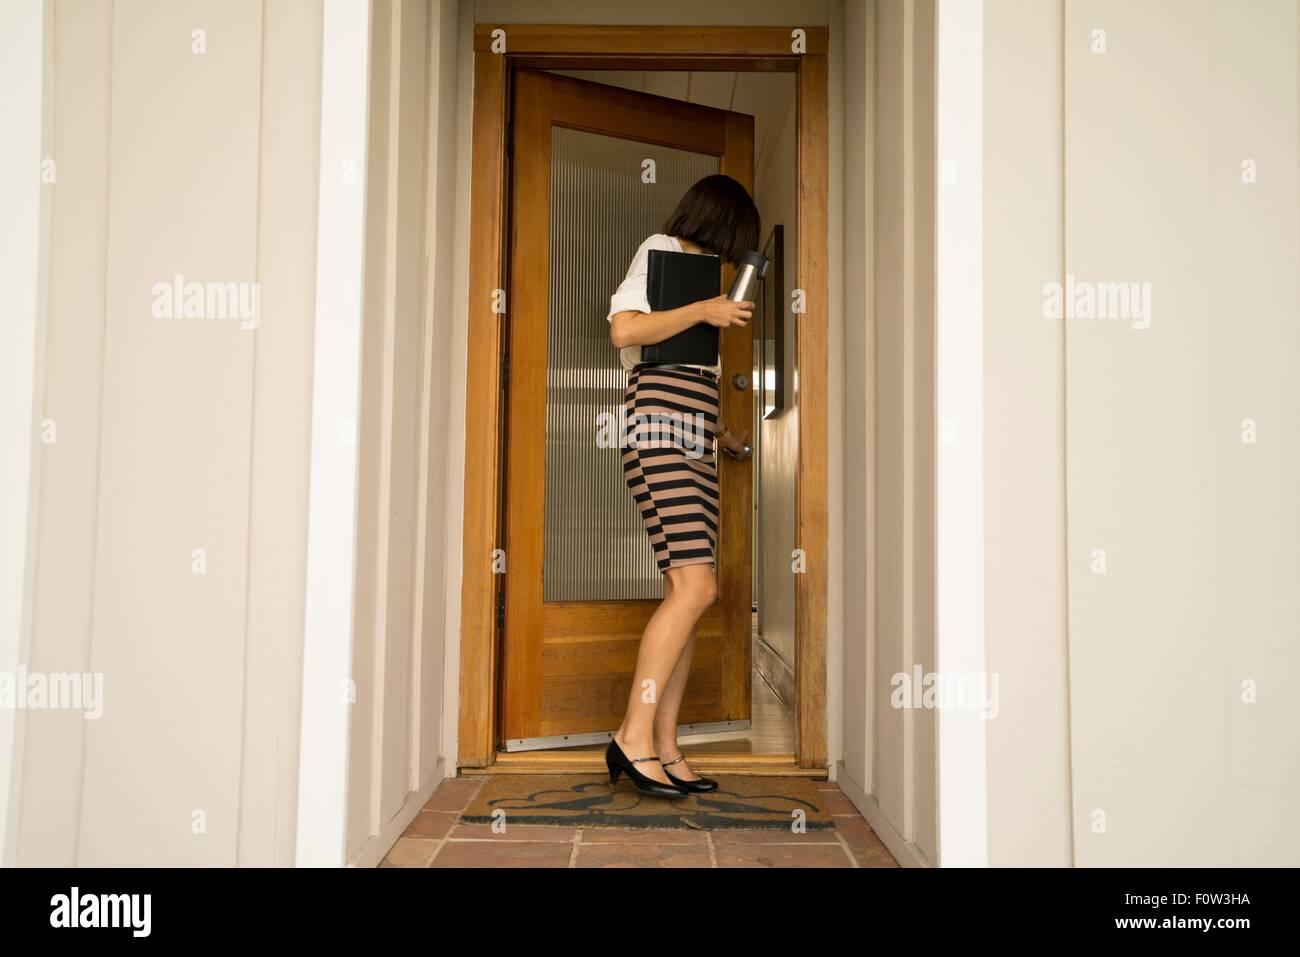 Businesswoman closing house front door - Stock Image & Woman Closing Door Stock Photos u0026 Woman Closing Door Stock Images ...